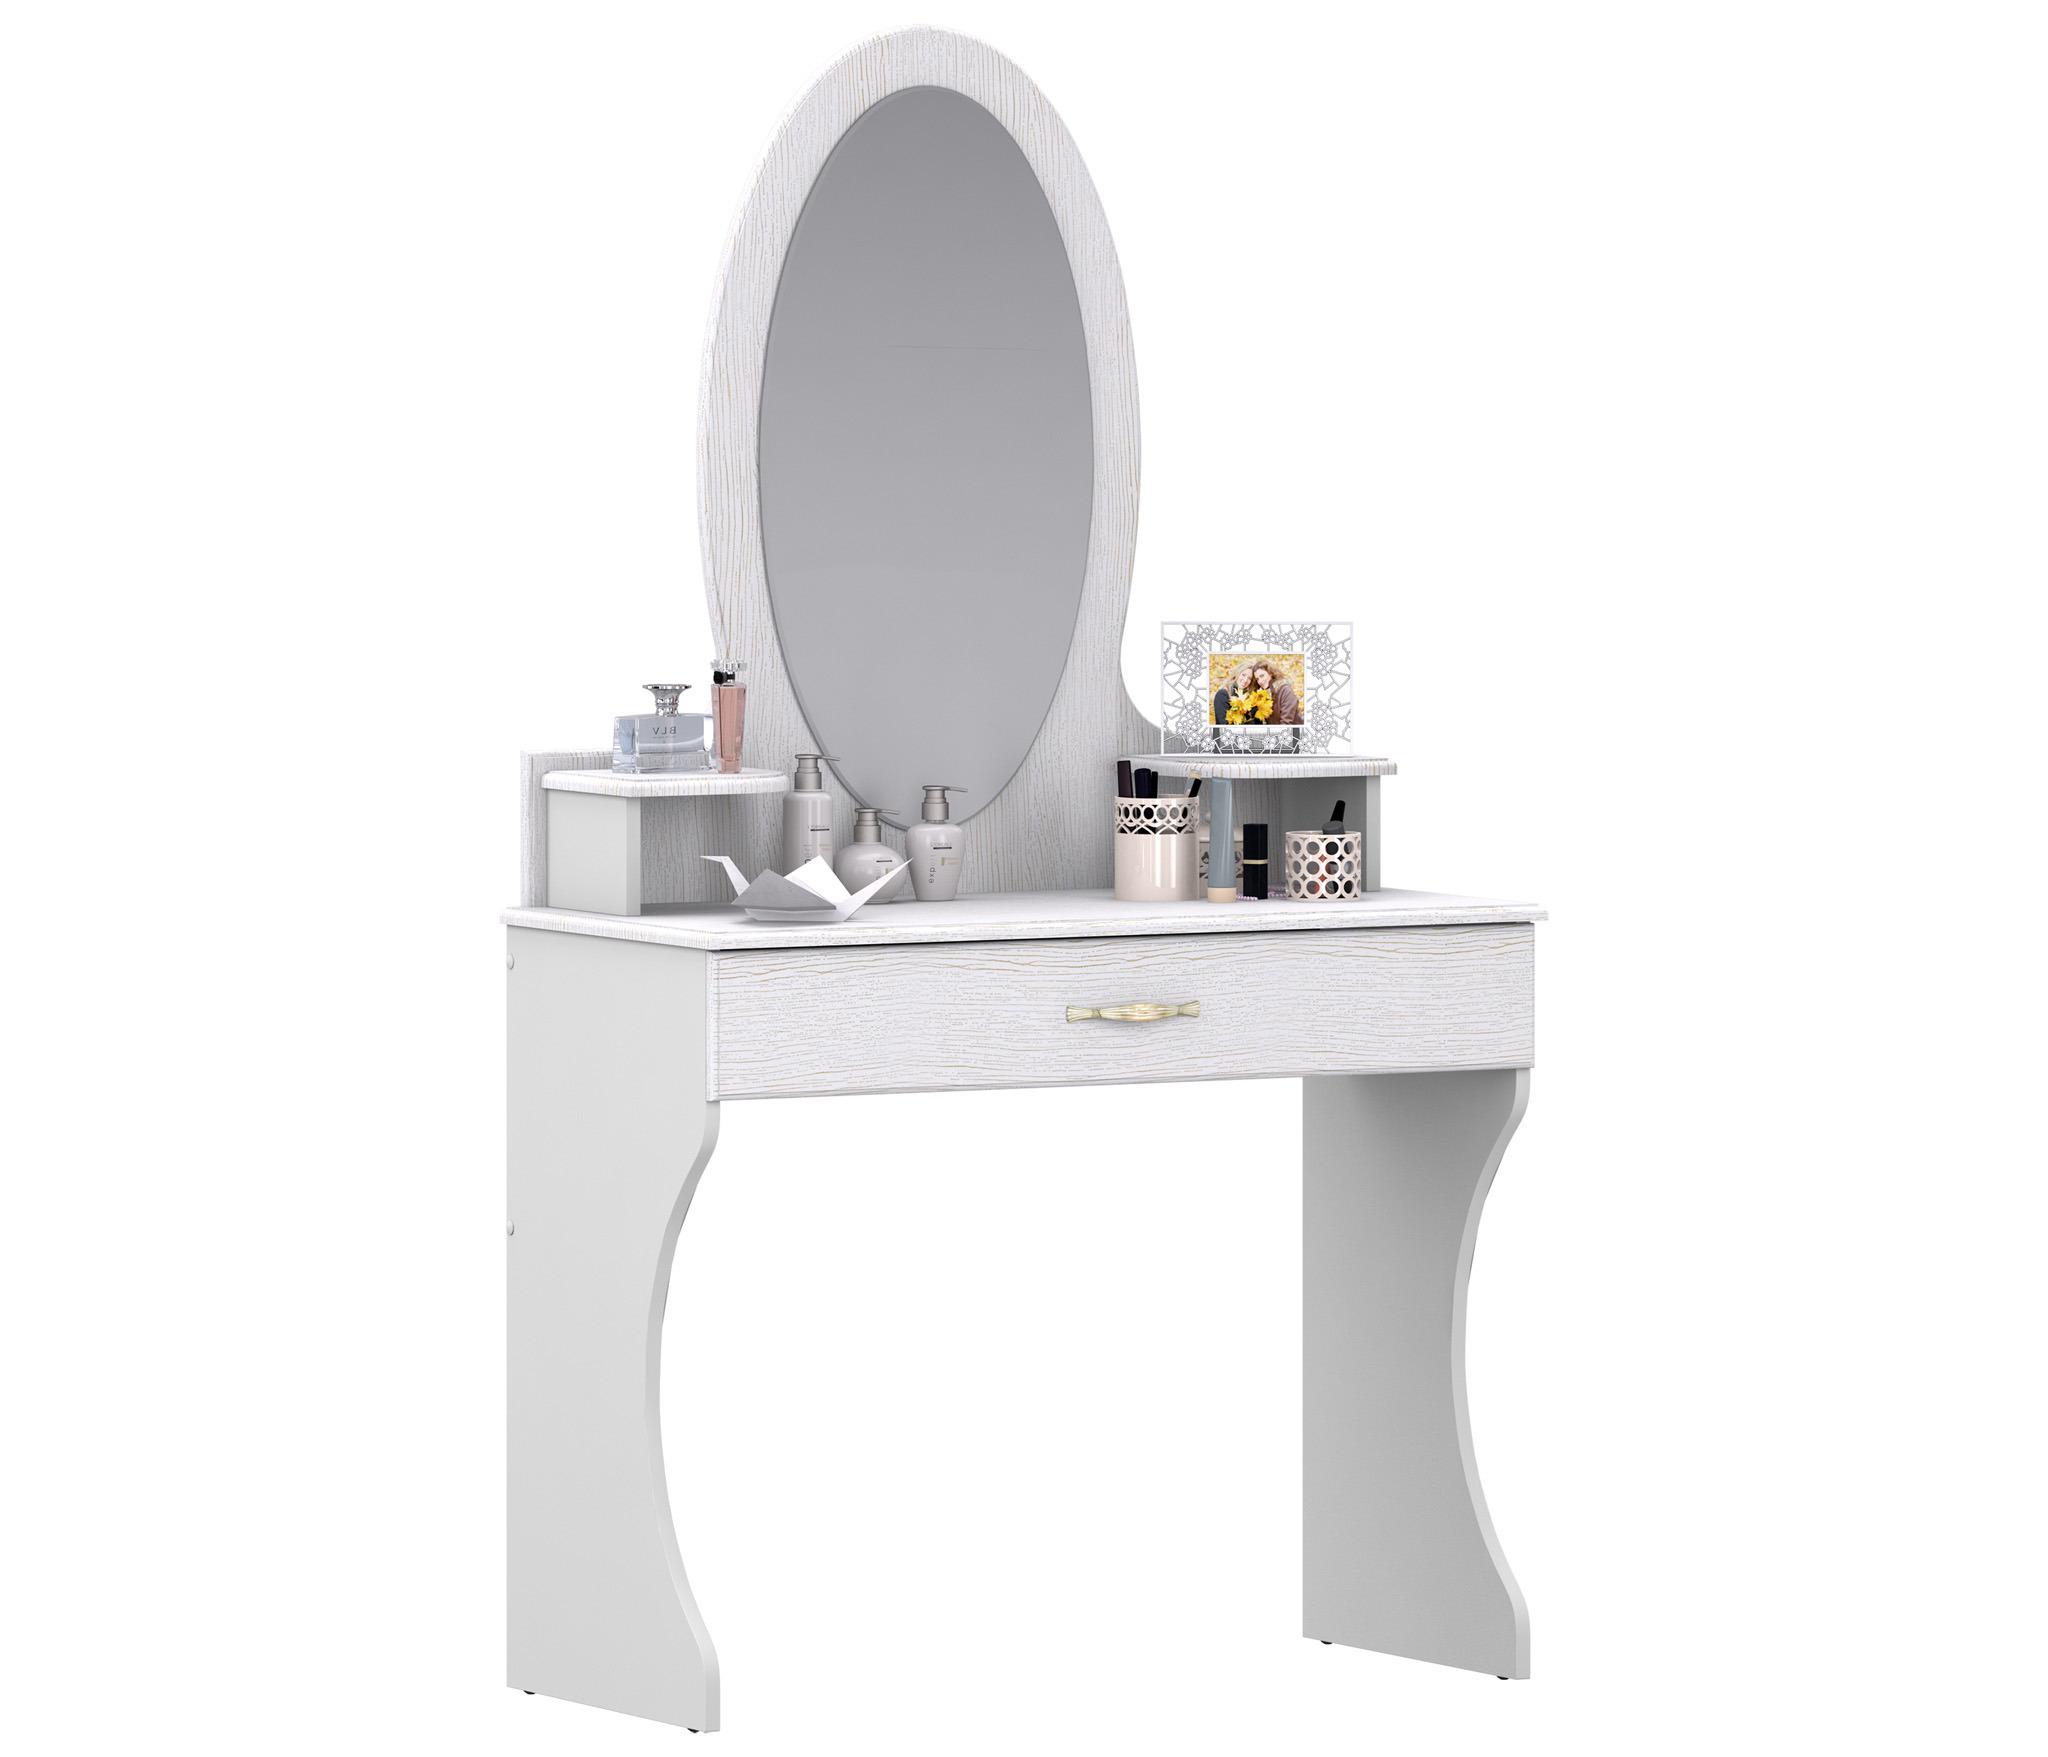 Кристина СБ-1865 Стол туалетныйГарнитуры<br>Туалетный столик Кристина СБ   1865 не только украсит женскую спальню, но и позволит собрать в одном месте всю косметику, средства ухода за волосами и другие  женские радости .<br><br>Длина мм: 910<br>Высота мм: 1605<br>Глубина мм: 440<br>Особенности: С зеркалом